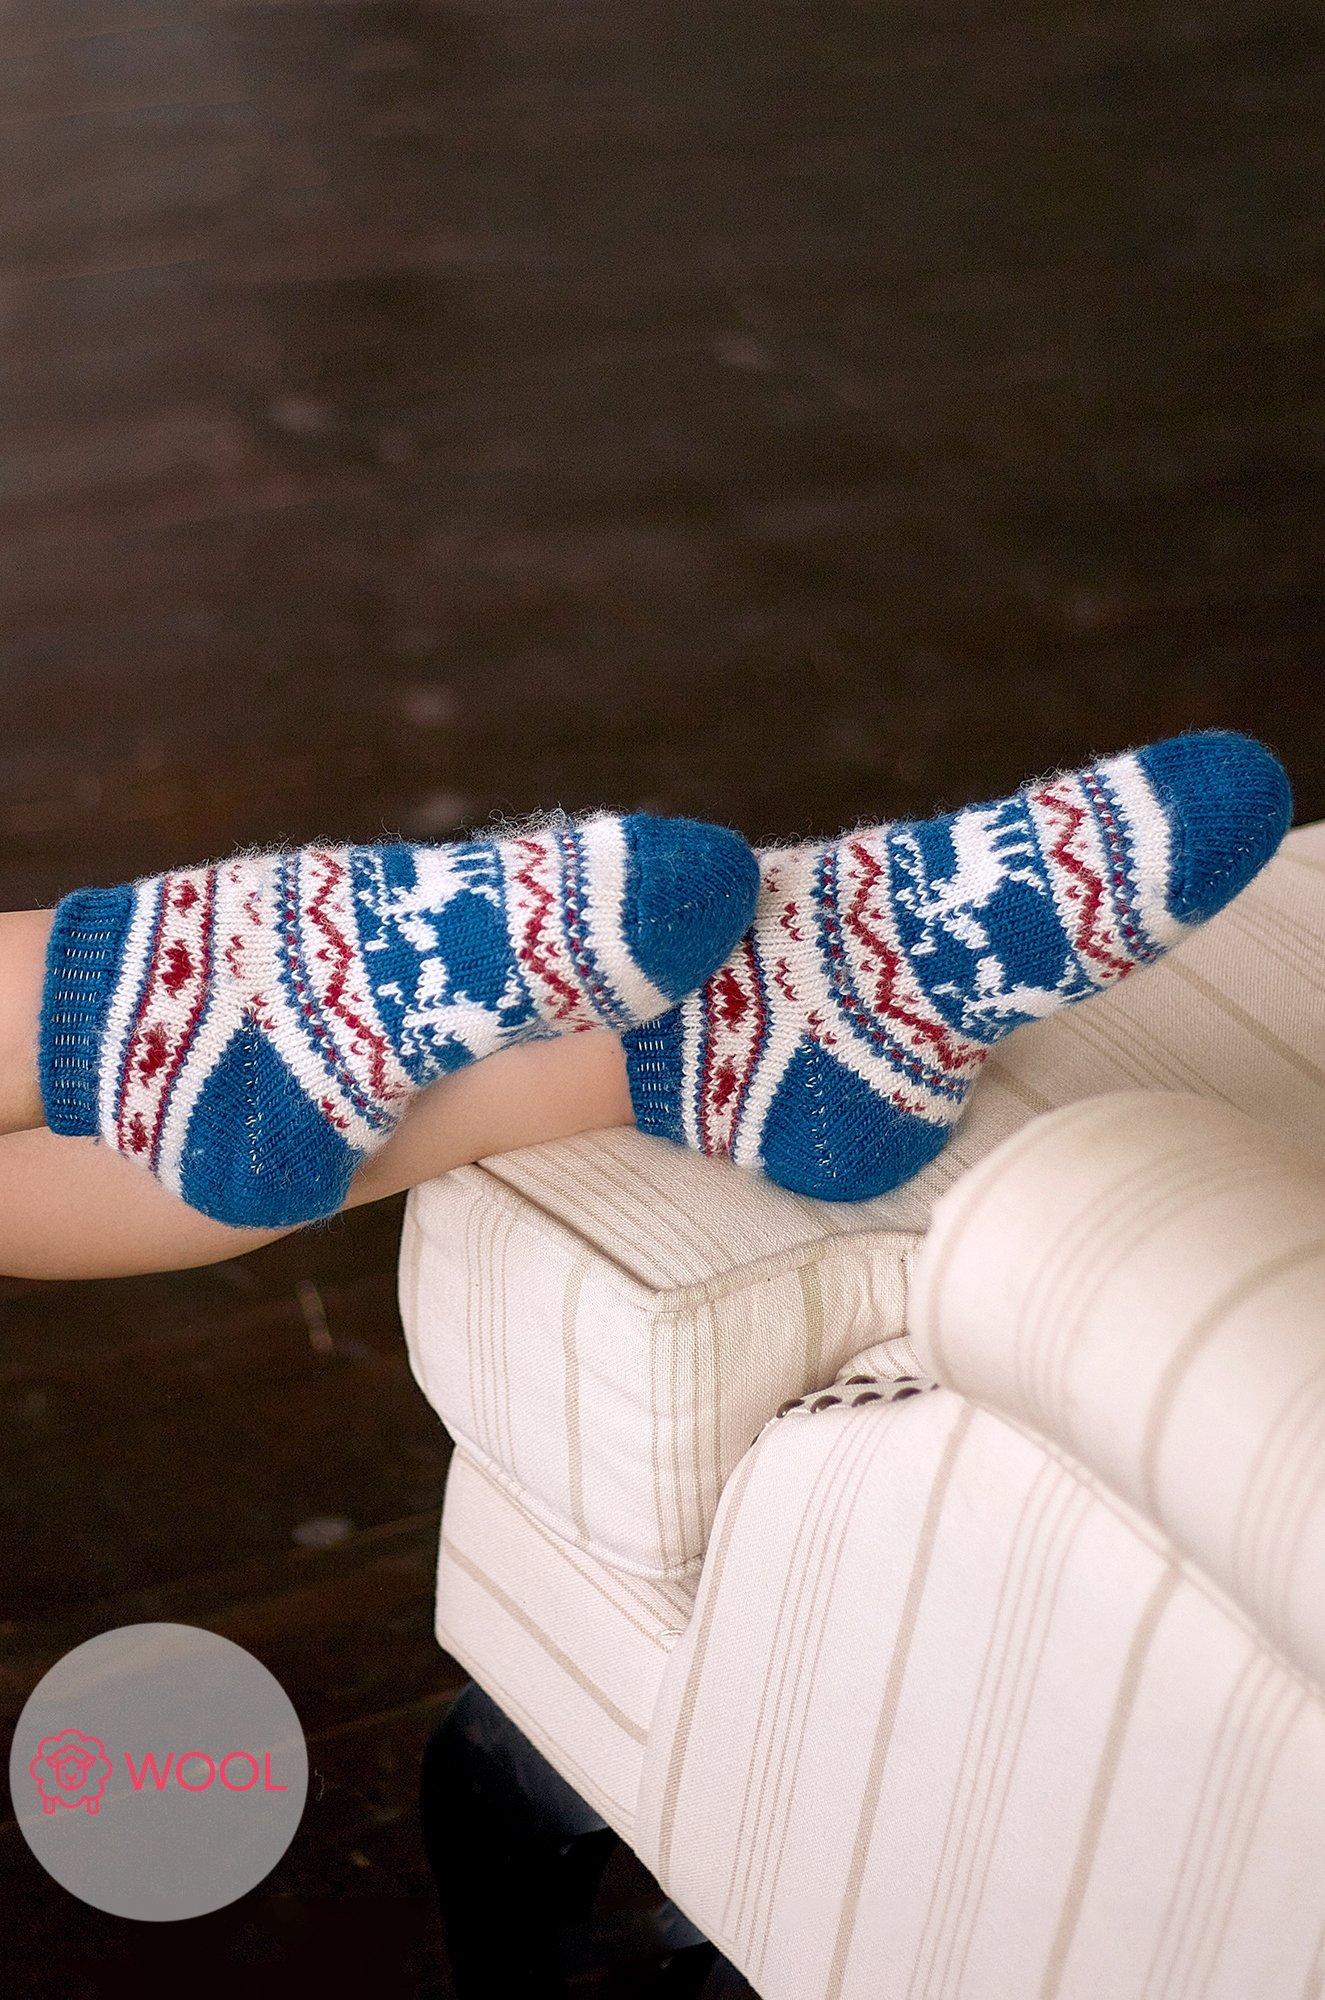 Бабушкины носки, Женские следки P6R1691 (1301559866)